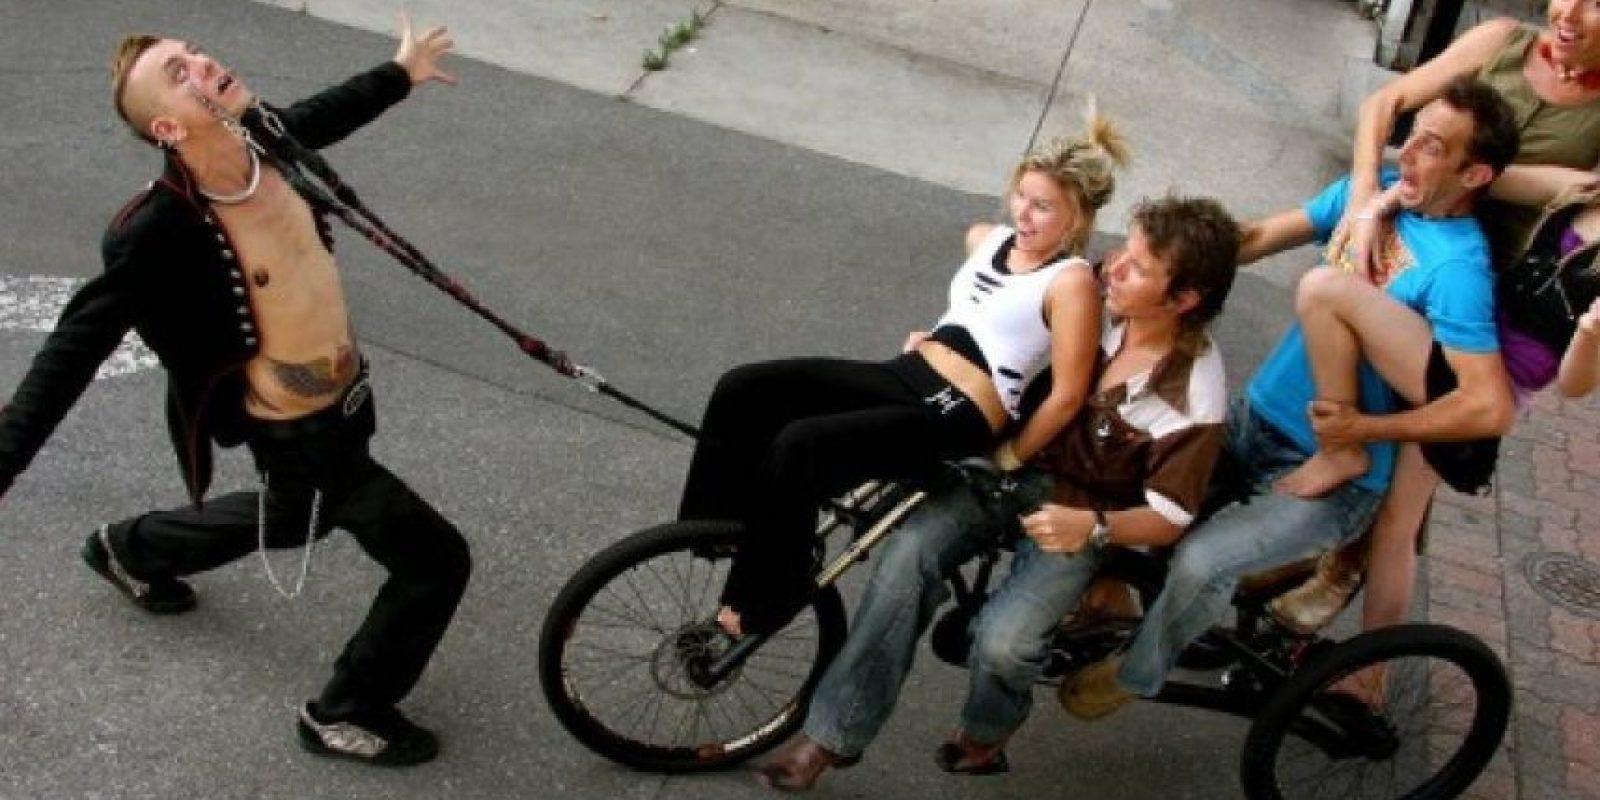 6. El australiano Chayne Hultgren logró, en 2009, halar 411 kilos usando las cuencas de sus ojos. Crédito: www.allthingskelly.com